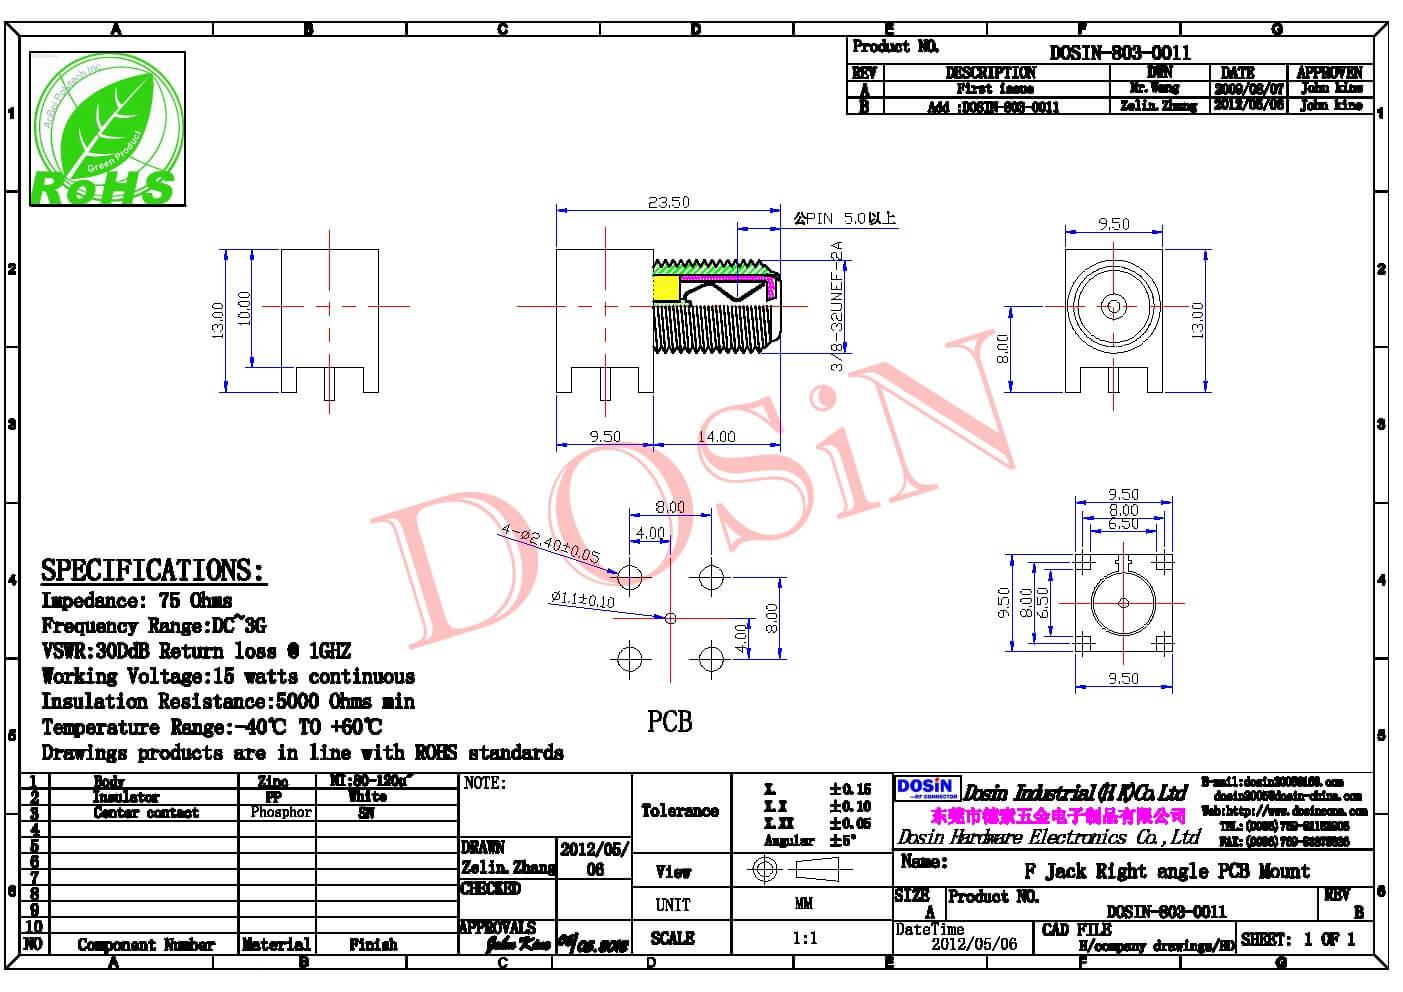 DOSIN-803-0011